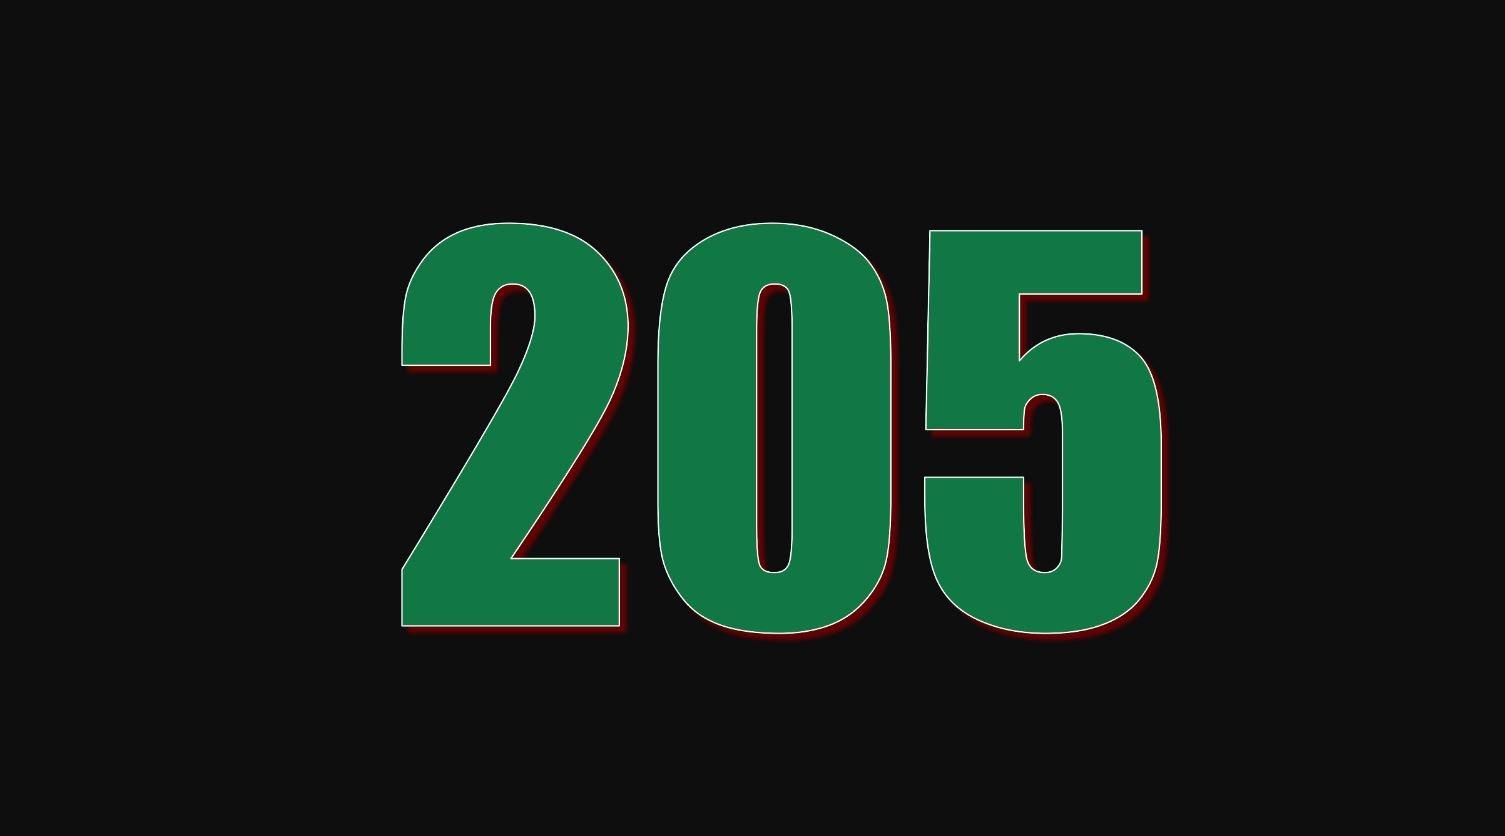 Die Bedeutung der Zahl 205